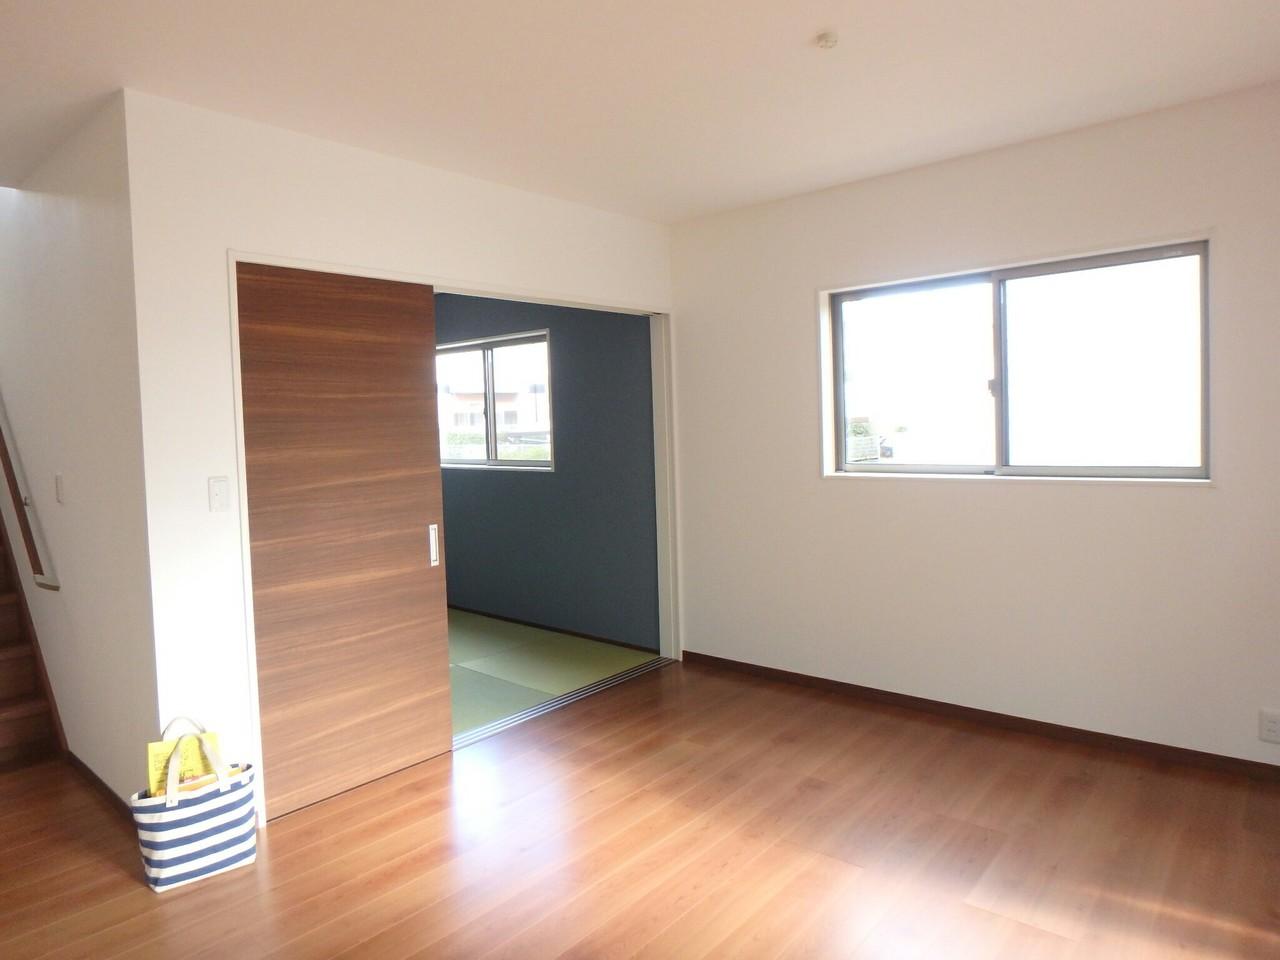 LDKとつながった多目的に使える和室スペース。 リビング、和室、階段と繋がった間取りになっているので、ご家族の様子がとっても分かりますね♪